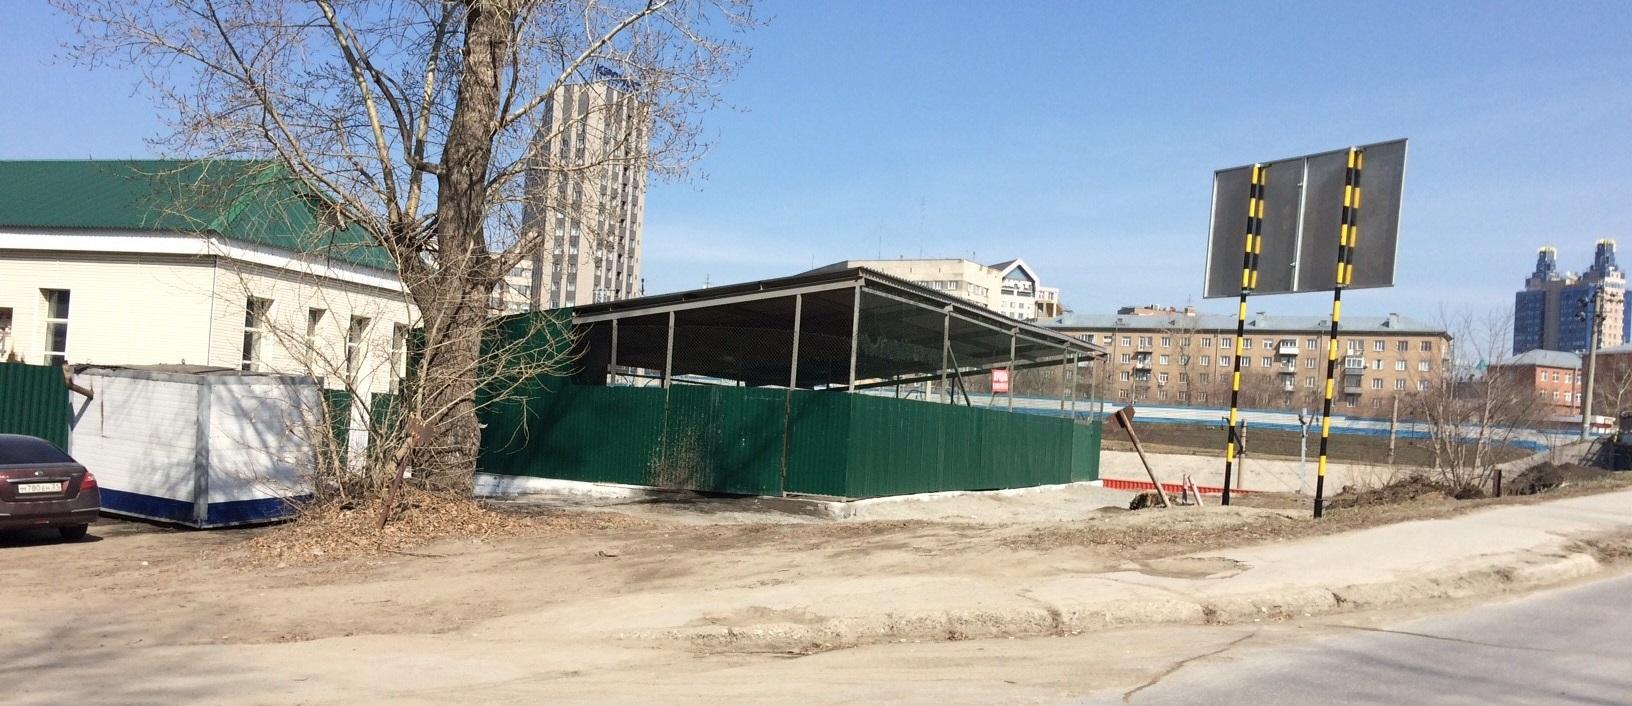 Земельный участок 0,10 га в Железнодорожном районе, ул. Спартака под строительство автостоянки закрытого типа